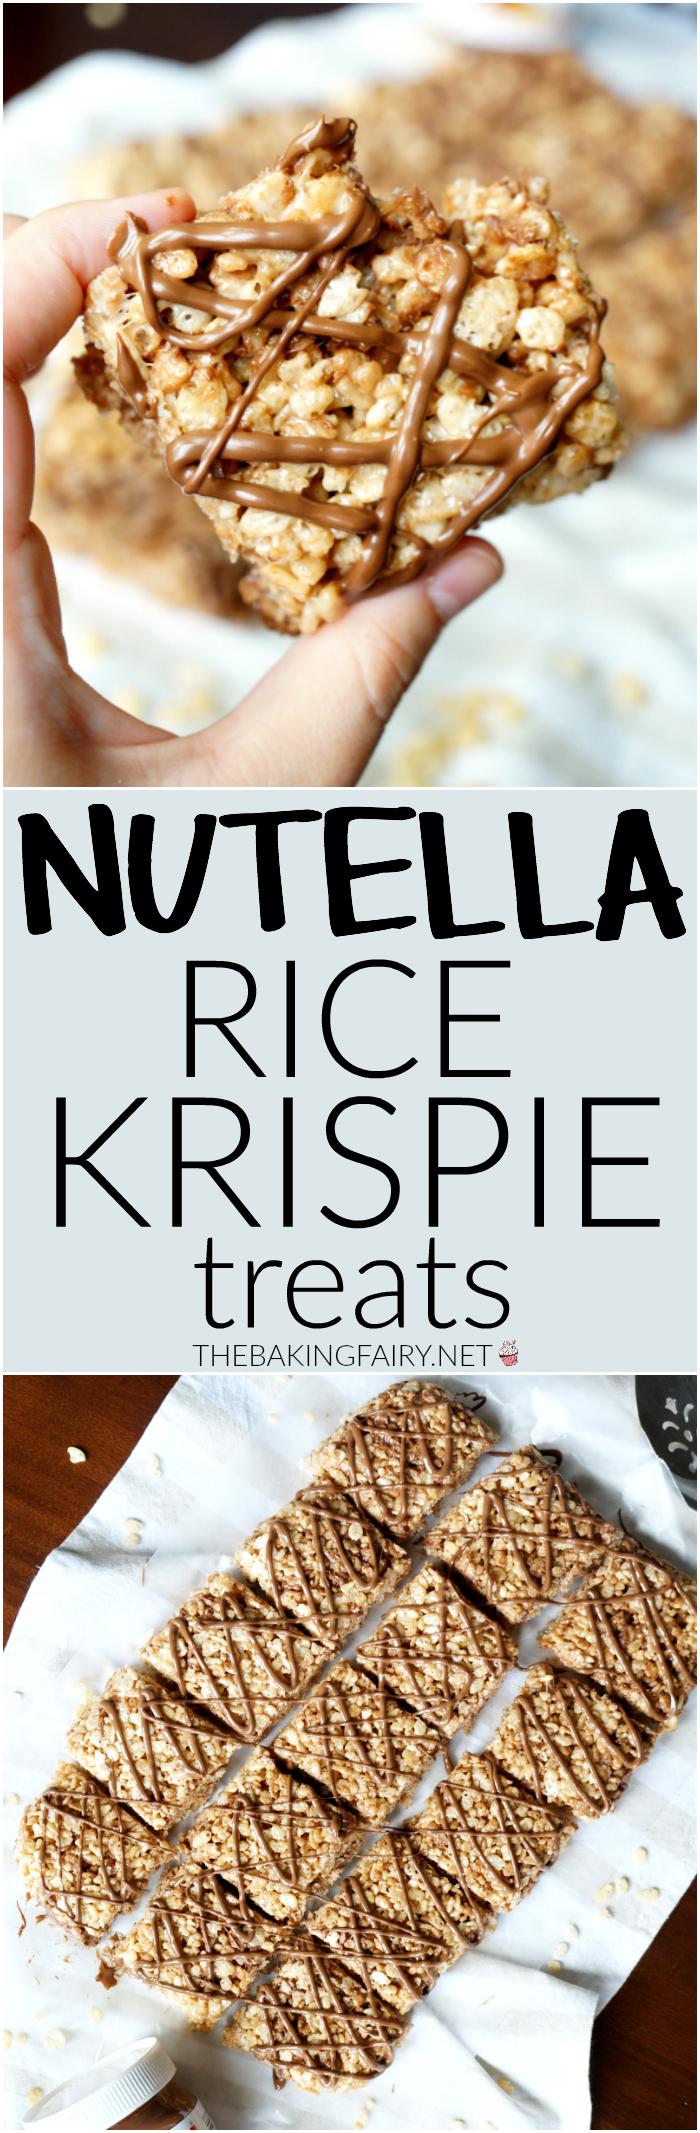 Nutella rice krispie treats   The Baking Fairy